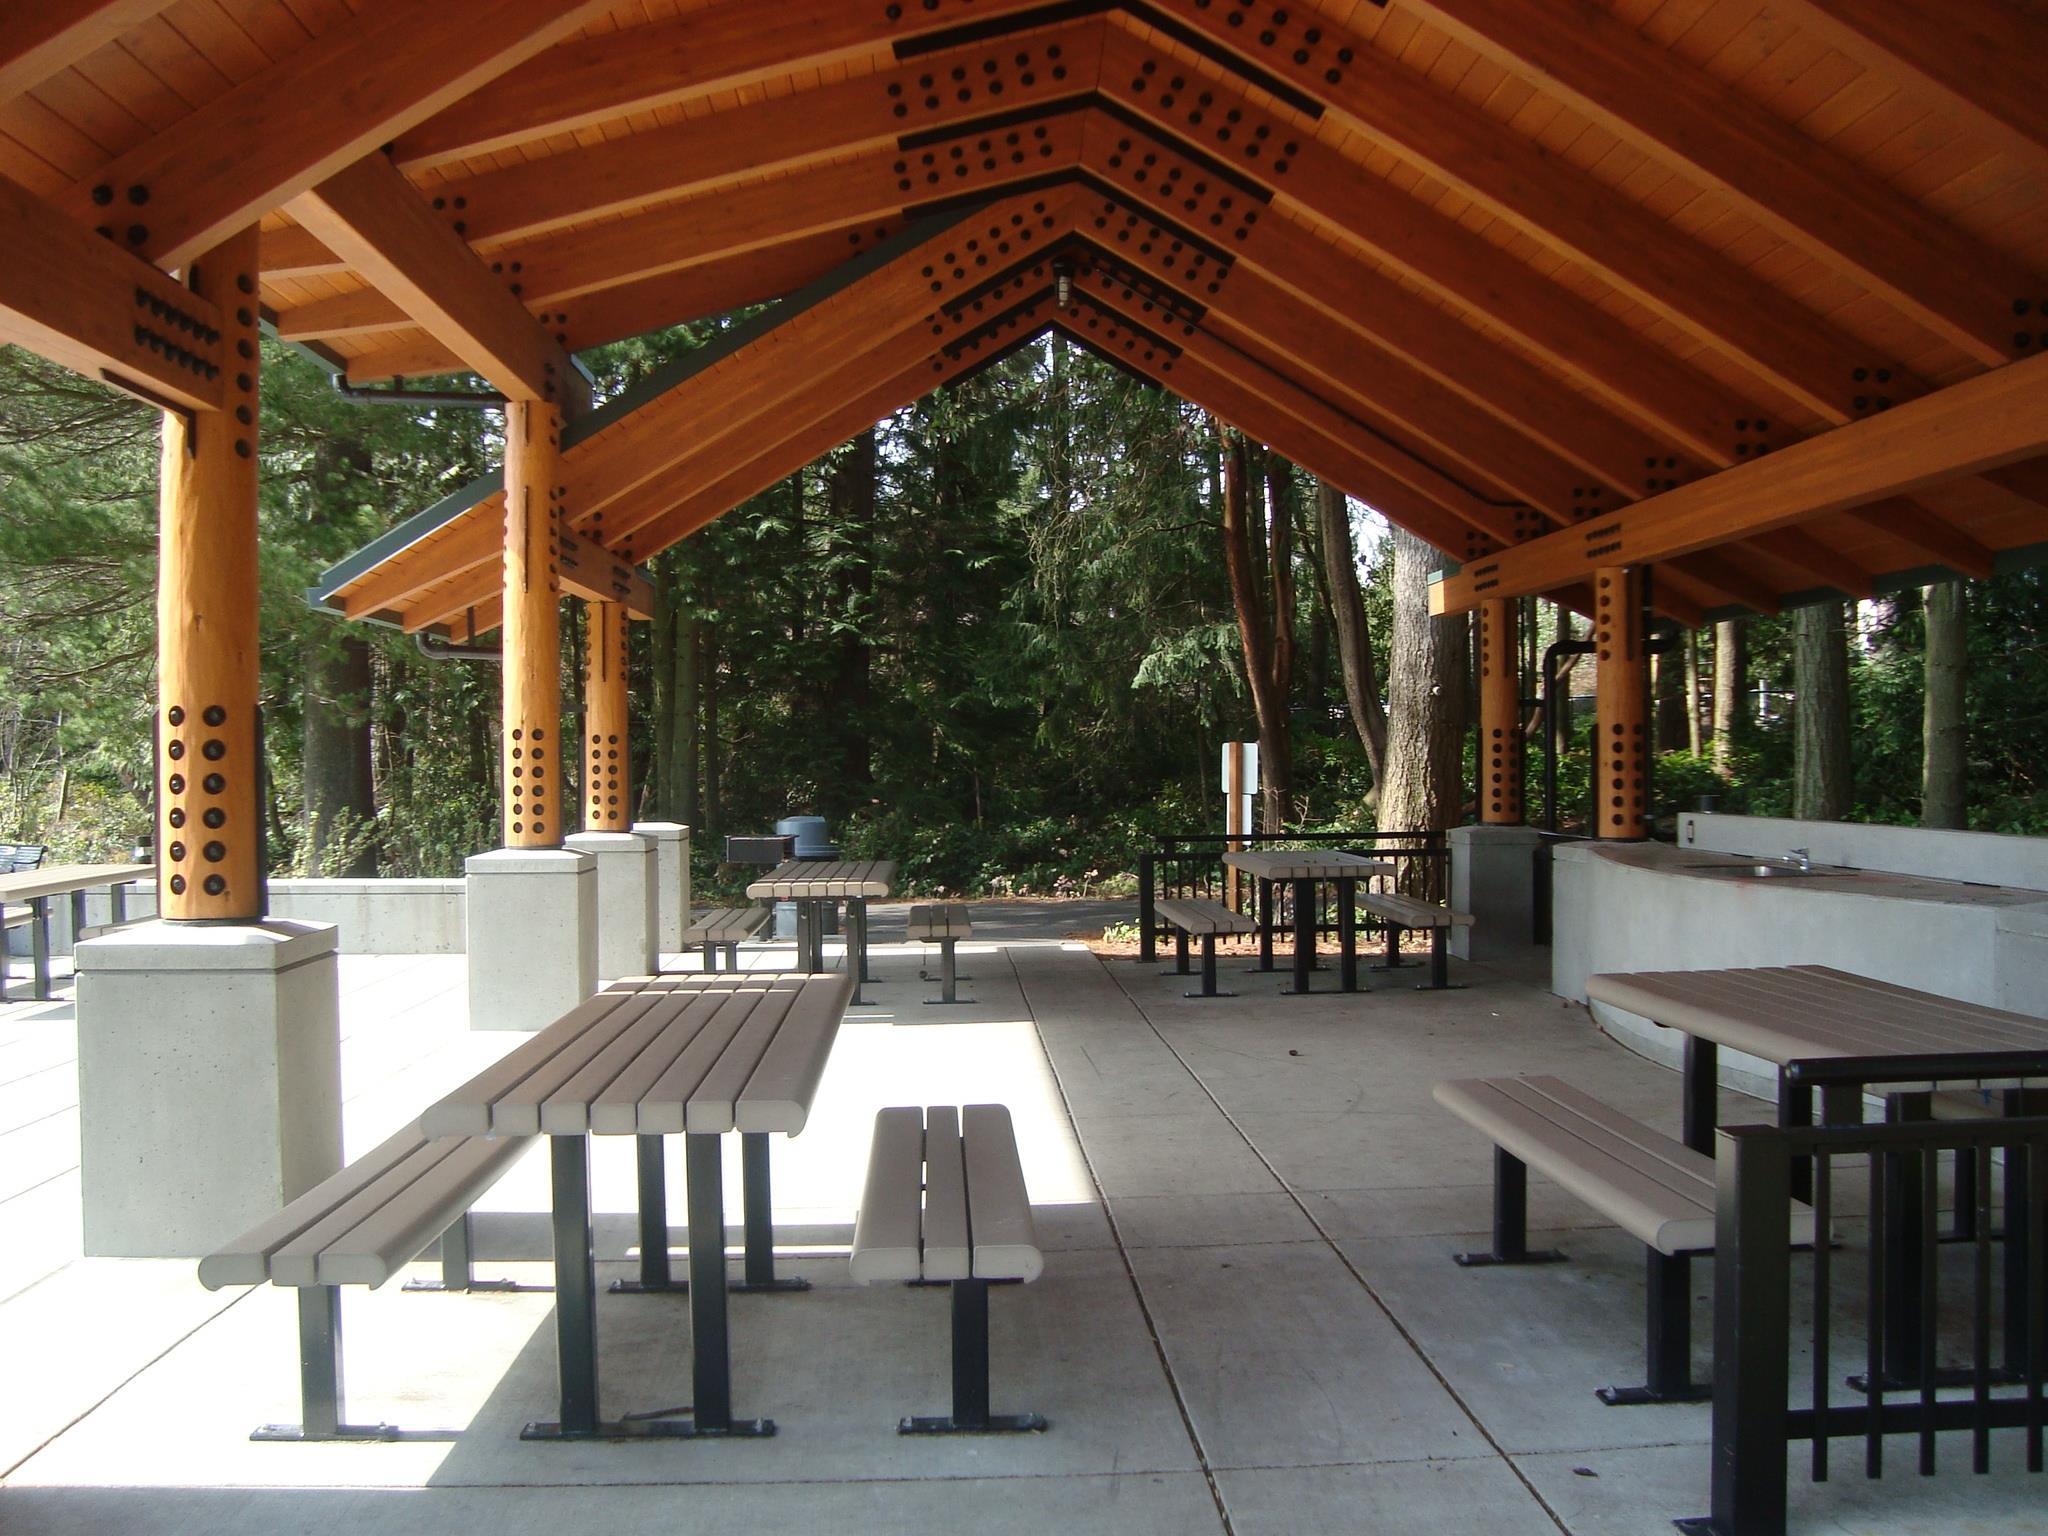 Edmonds City Park Picnic Shelter